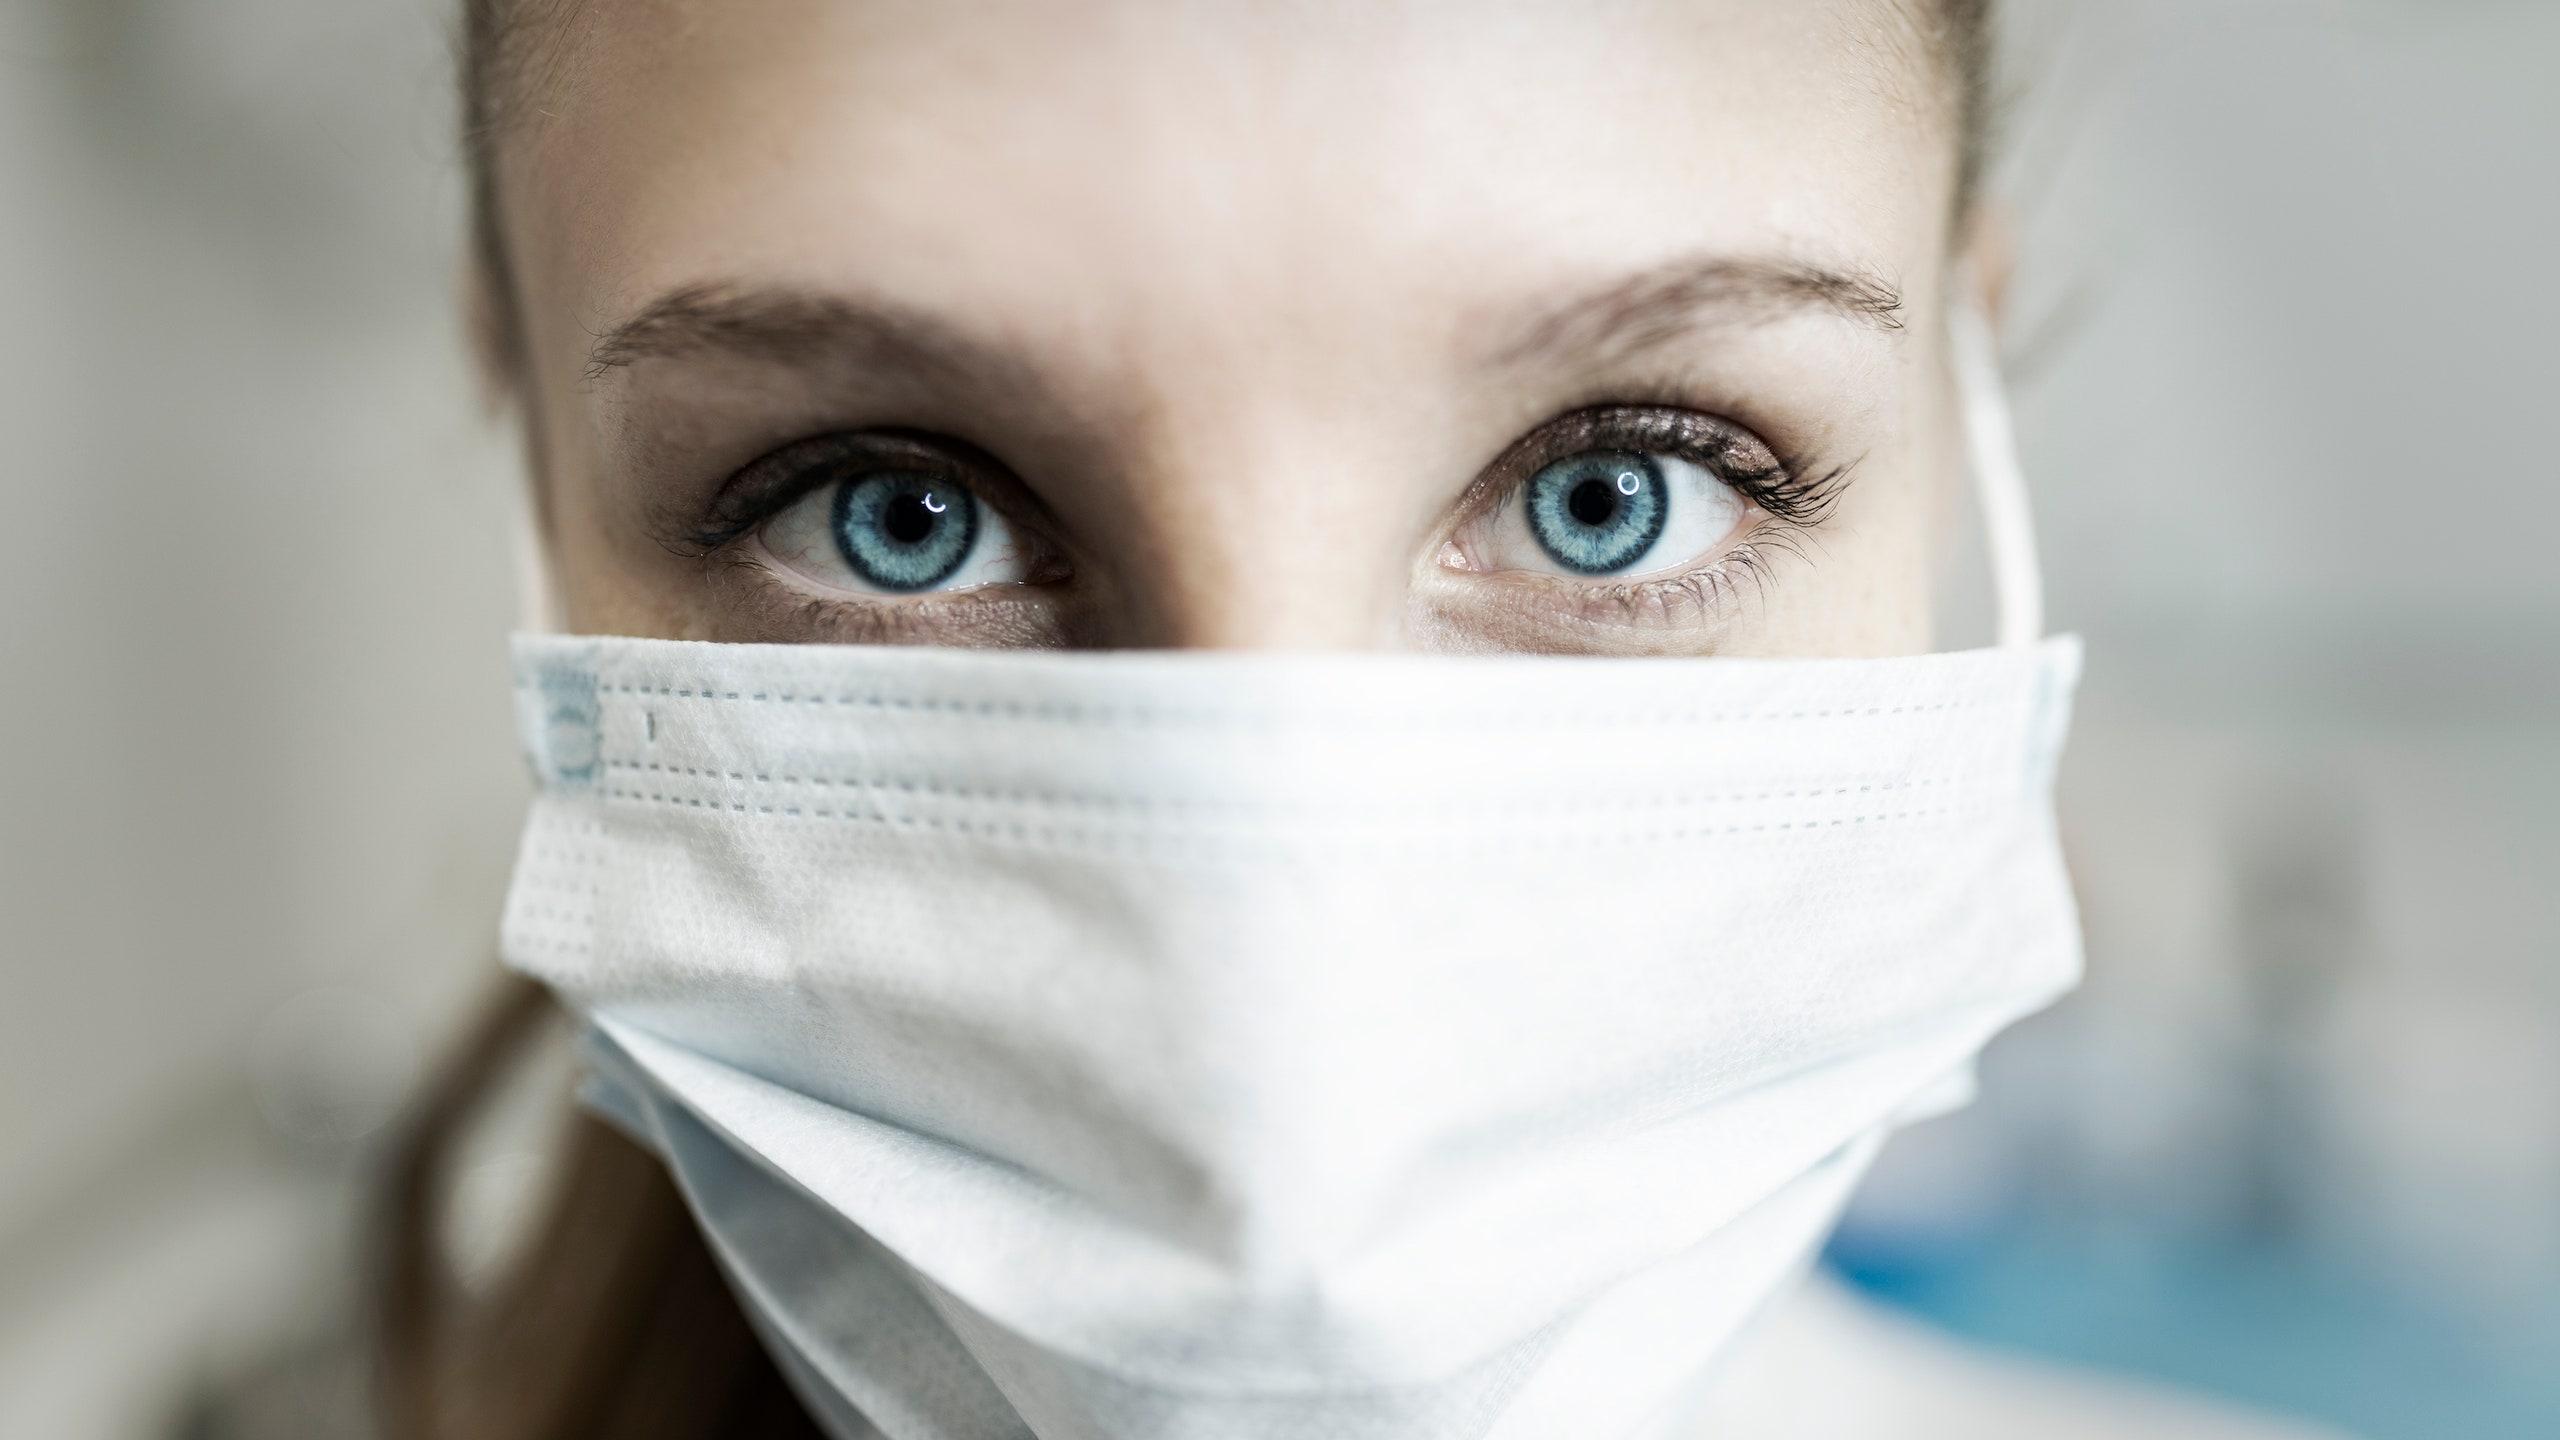 47086 Биологи подтвердили способность коронавируса заражать клетки сетчатки глаза и реплицироваться в них